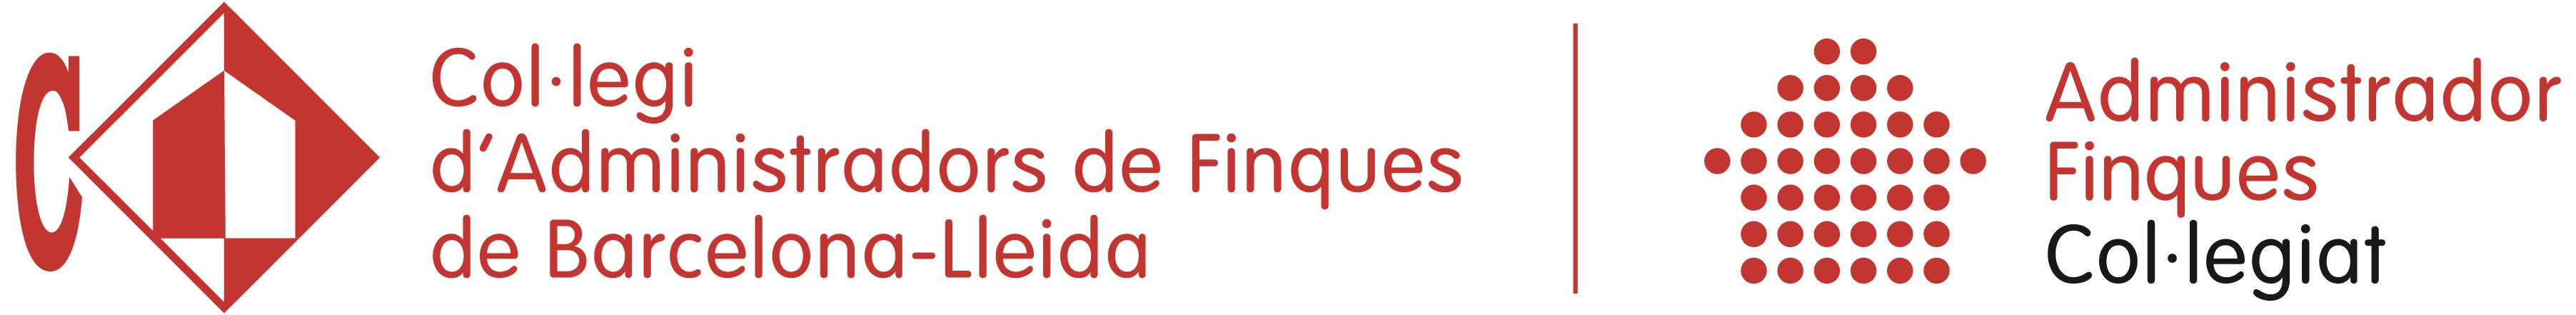 Finques asensio administraci n de fincas - Colegio de administradores de fincas barcelona ...